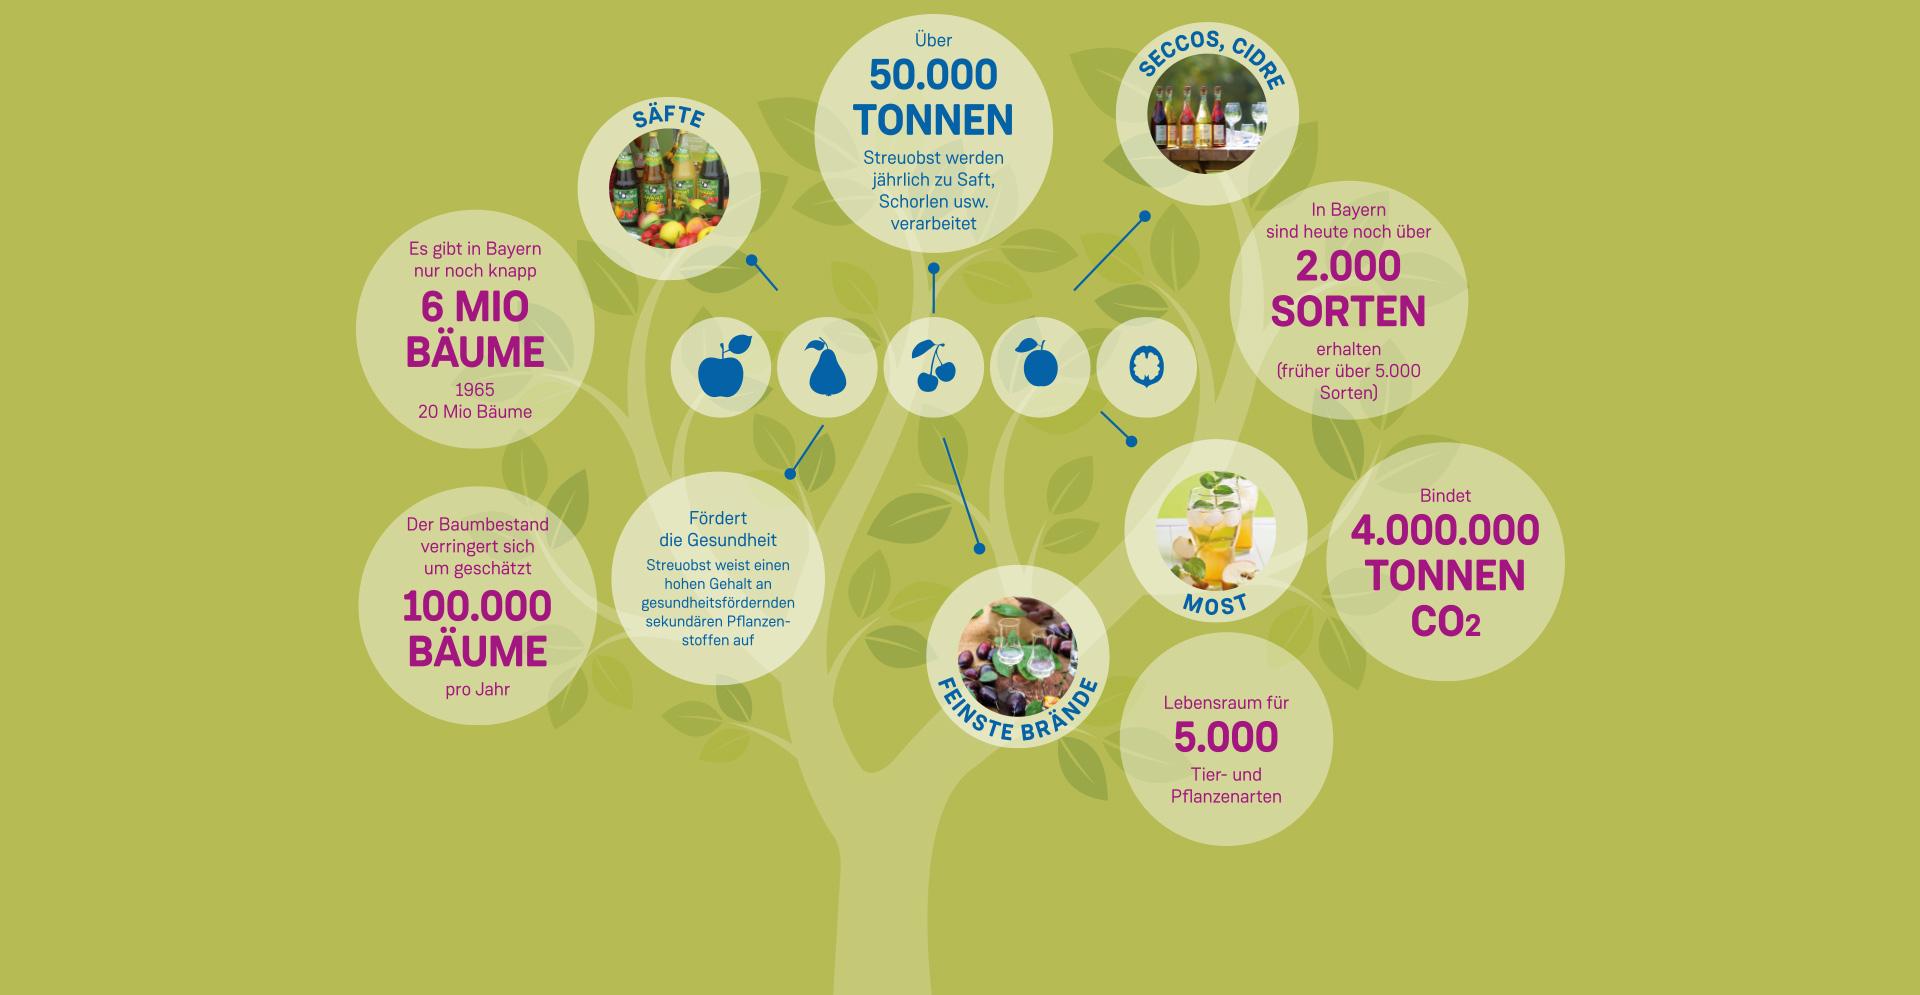 Infografik über Streuobst und Streuobstprodukte